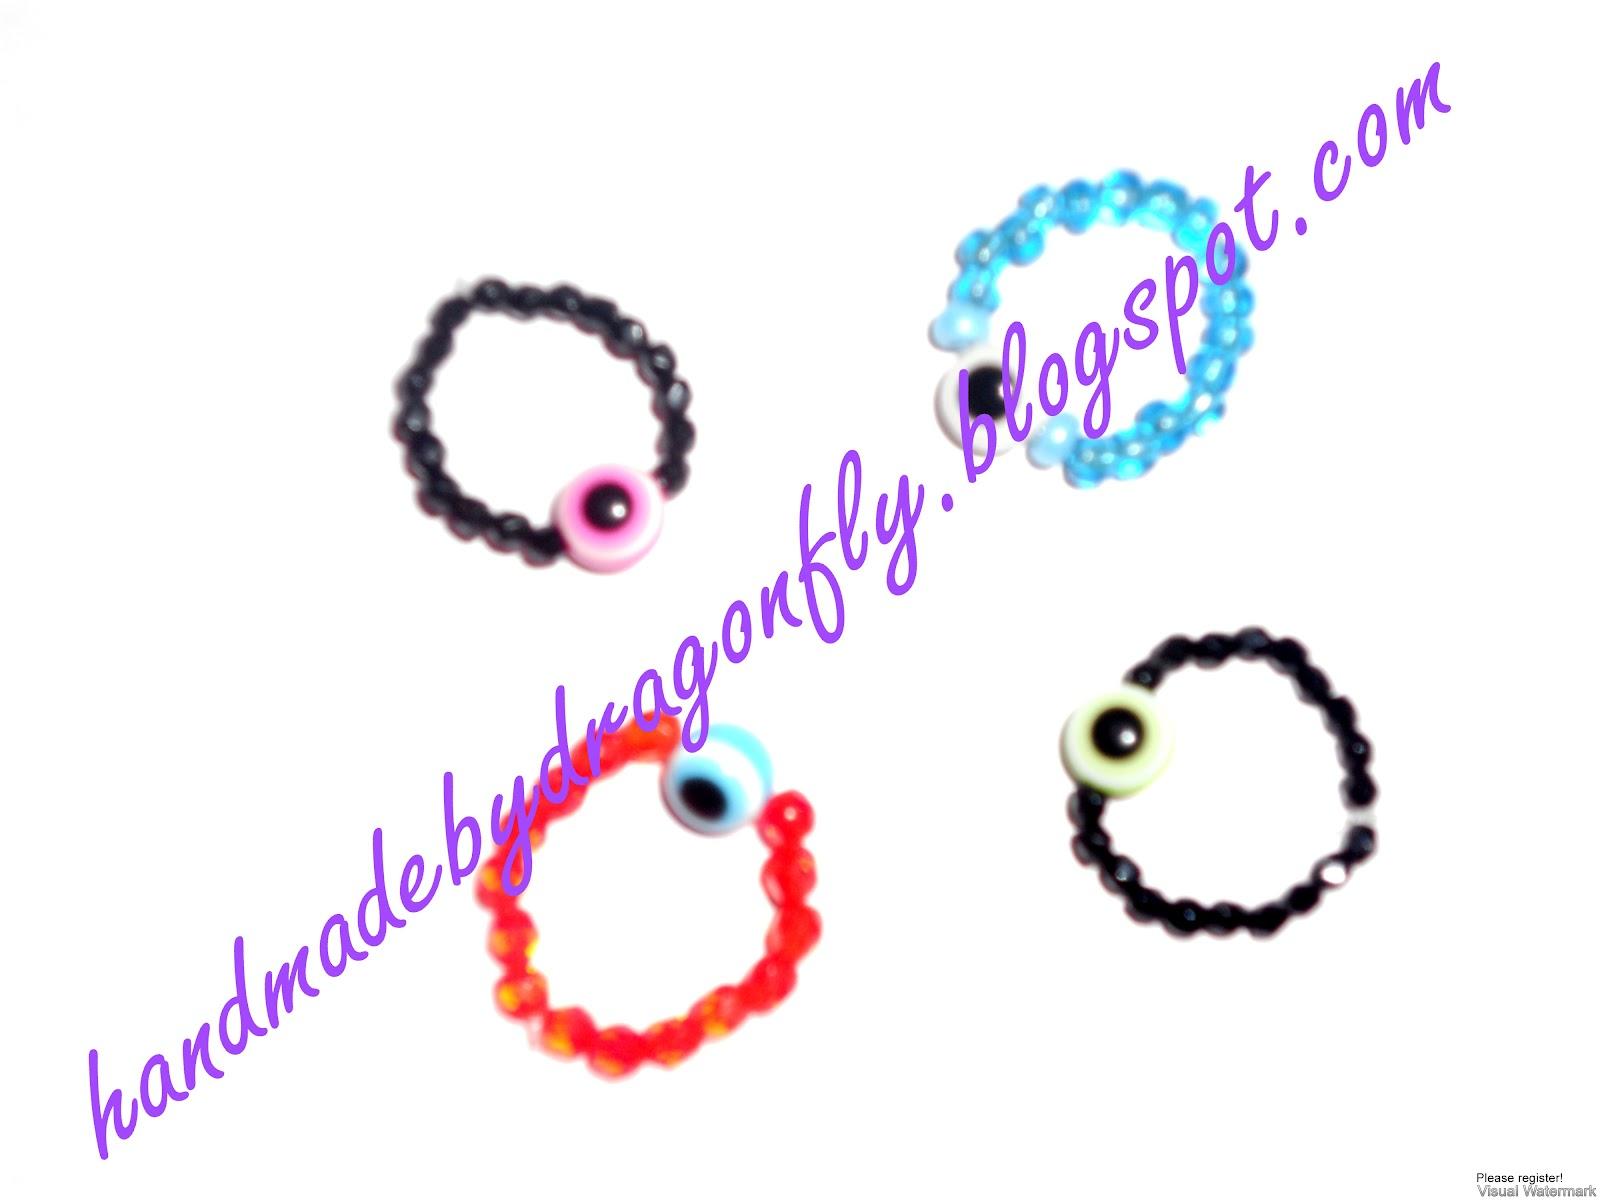 Δαχτυλίδια με χάντρες και ματάκι